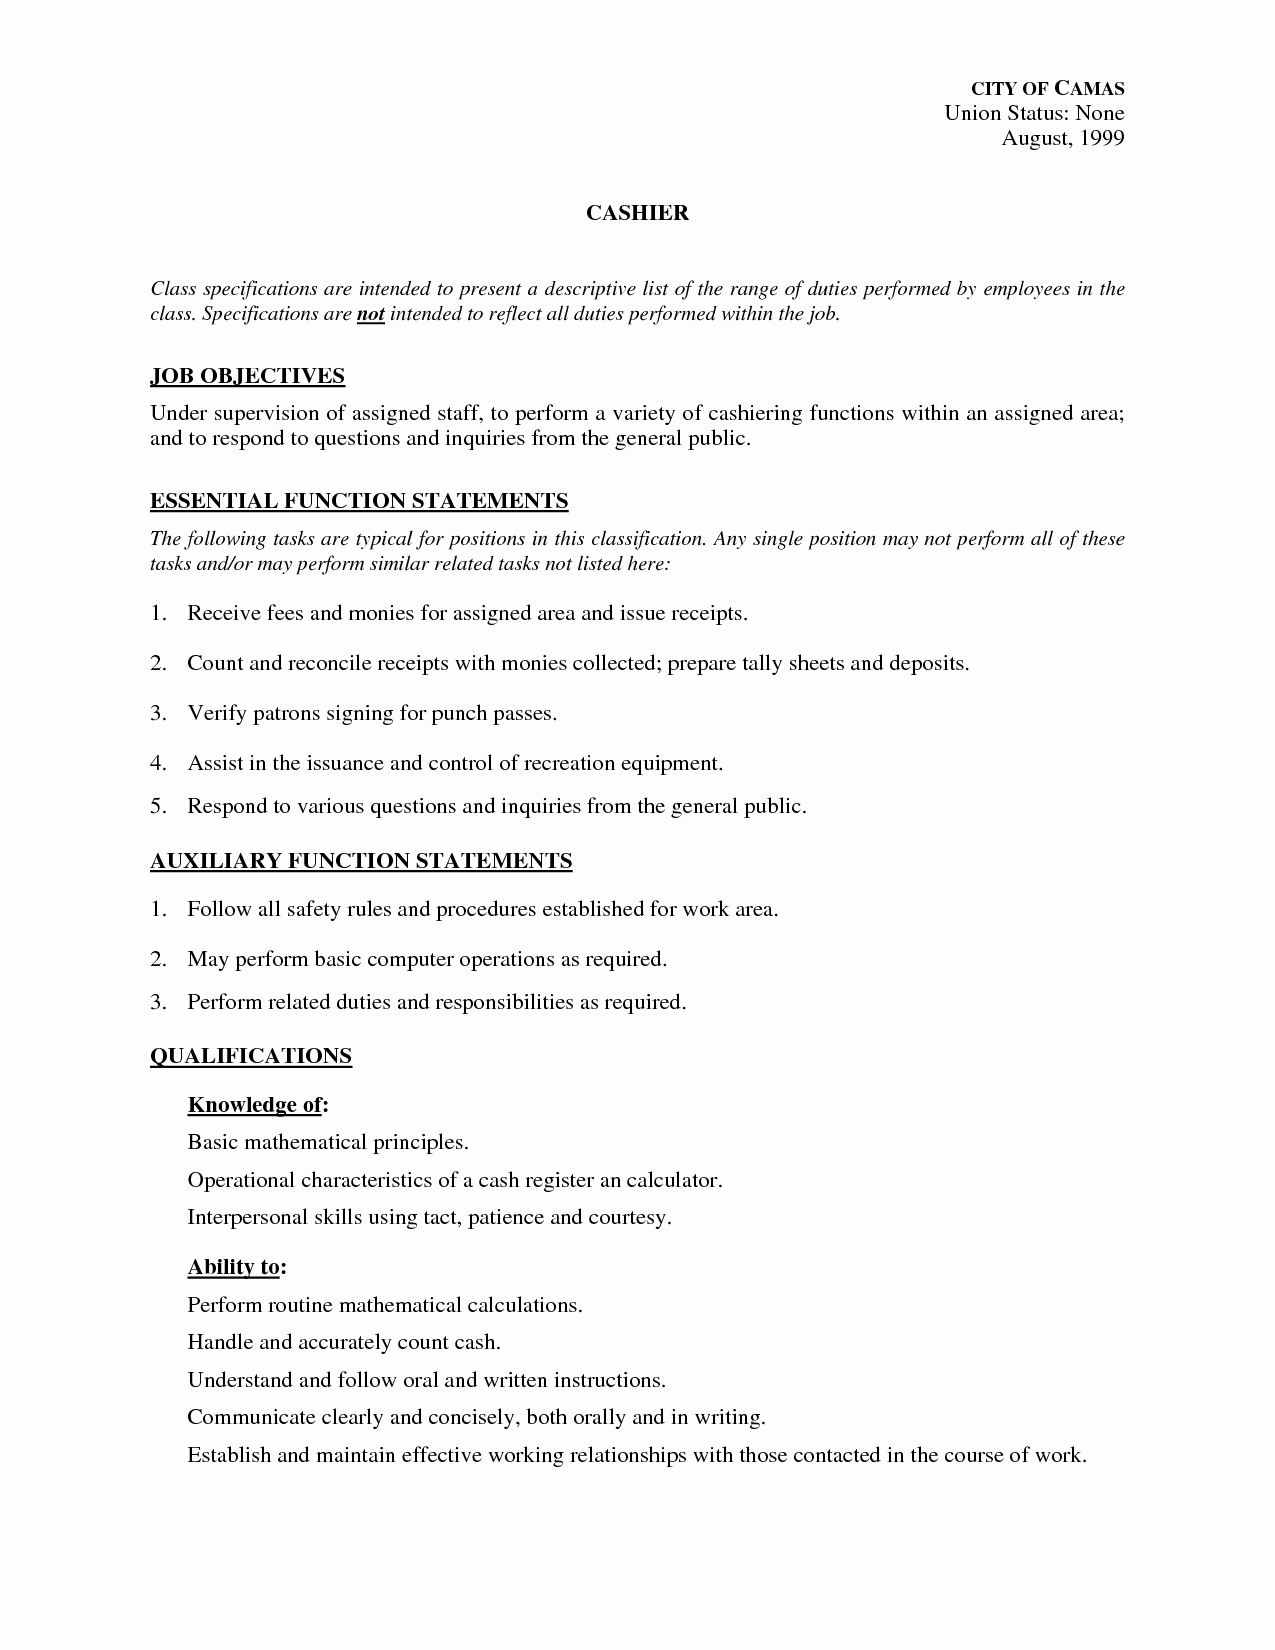 Cashier Job Description for Resume Outathyme